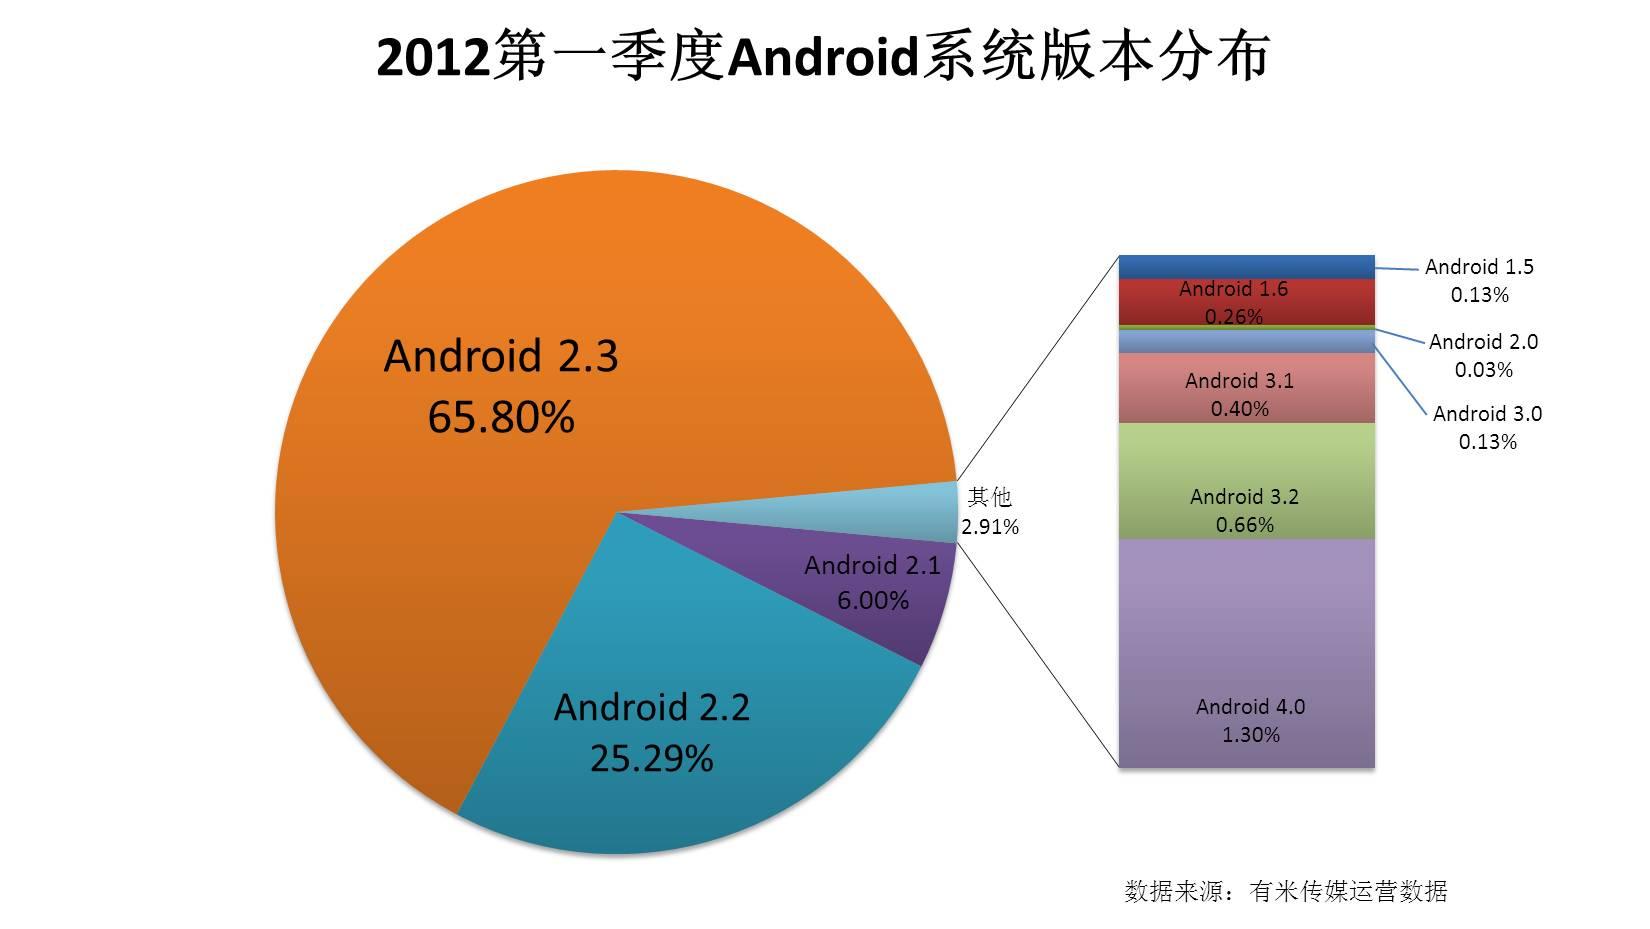 2012第一季度Android系统版本分布